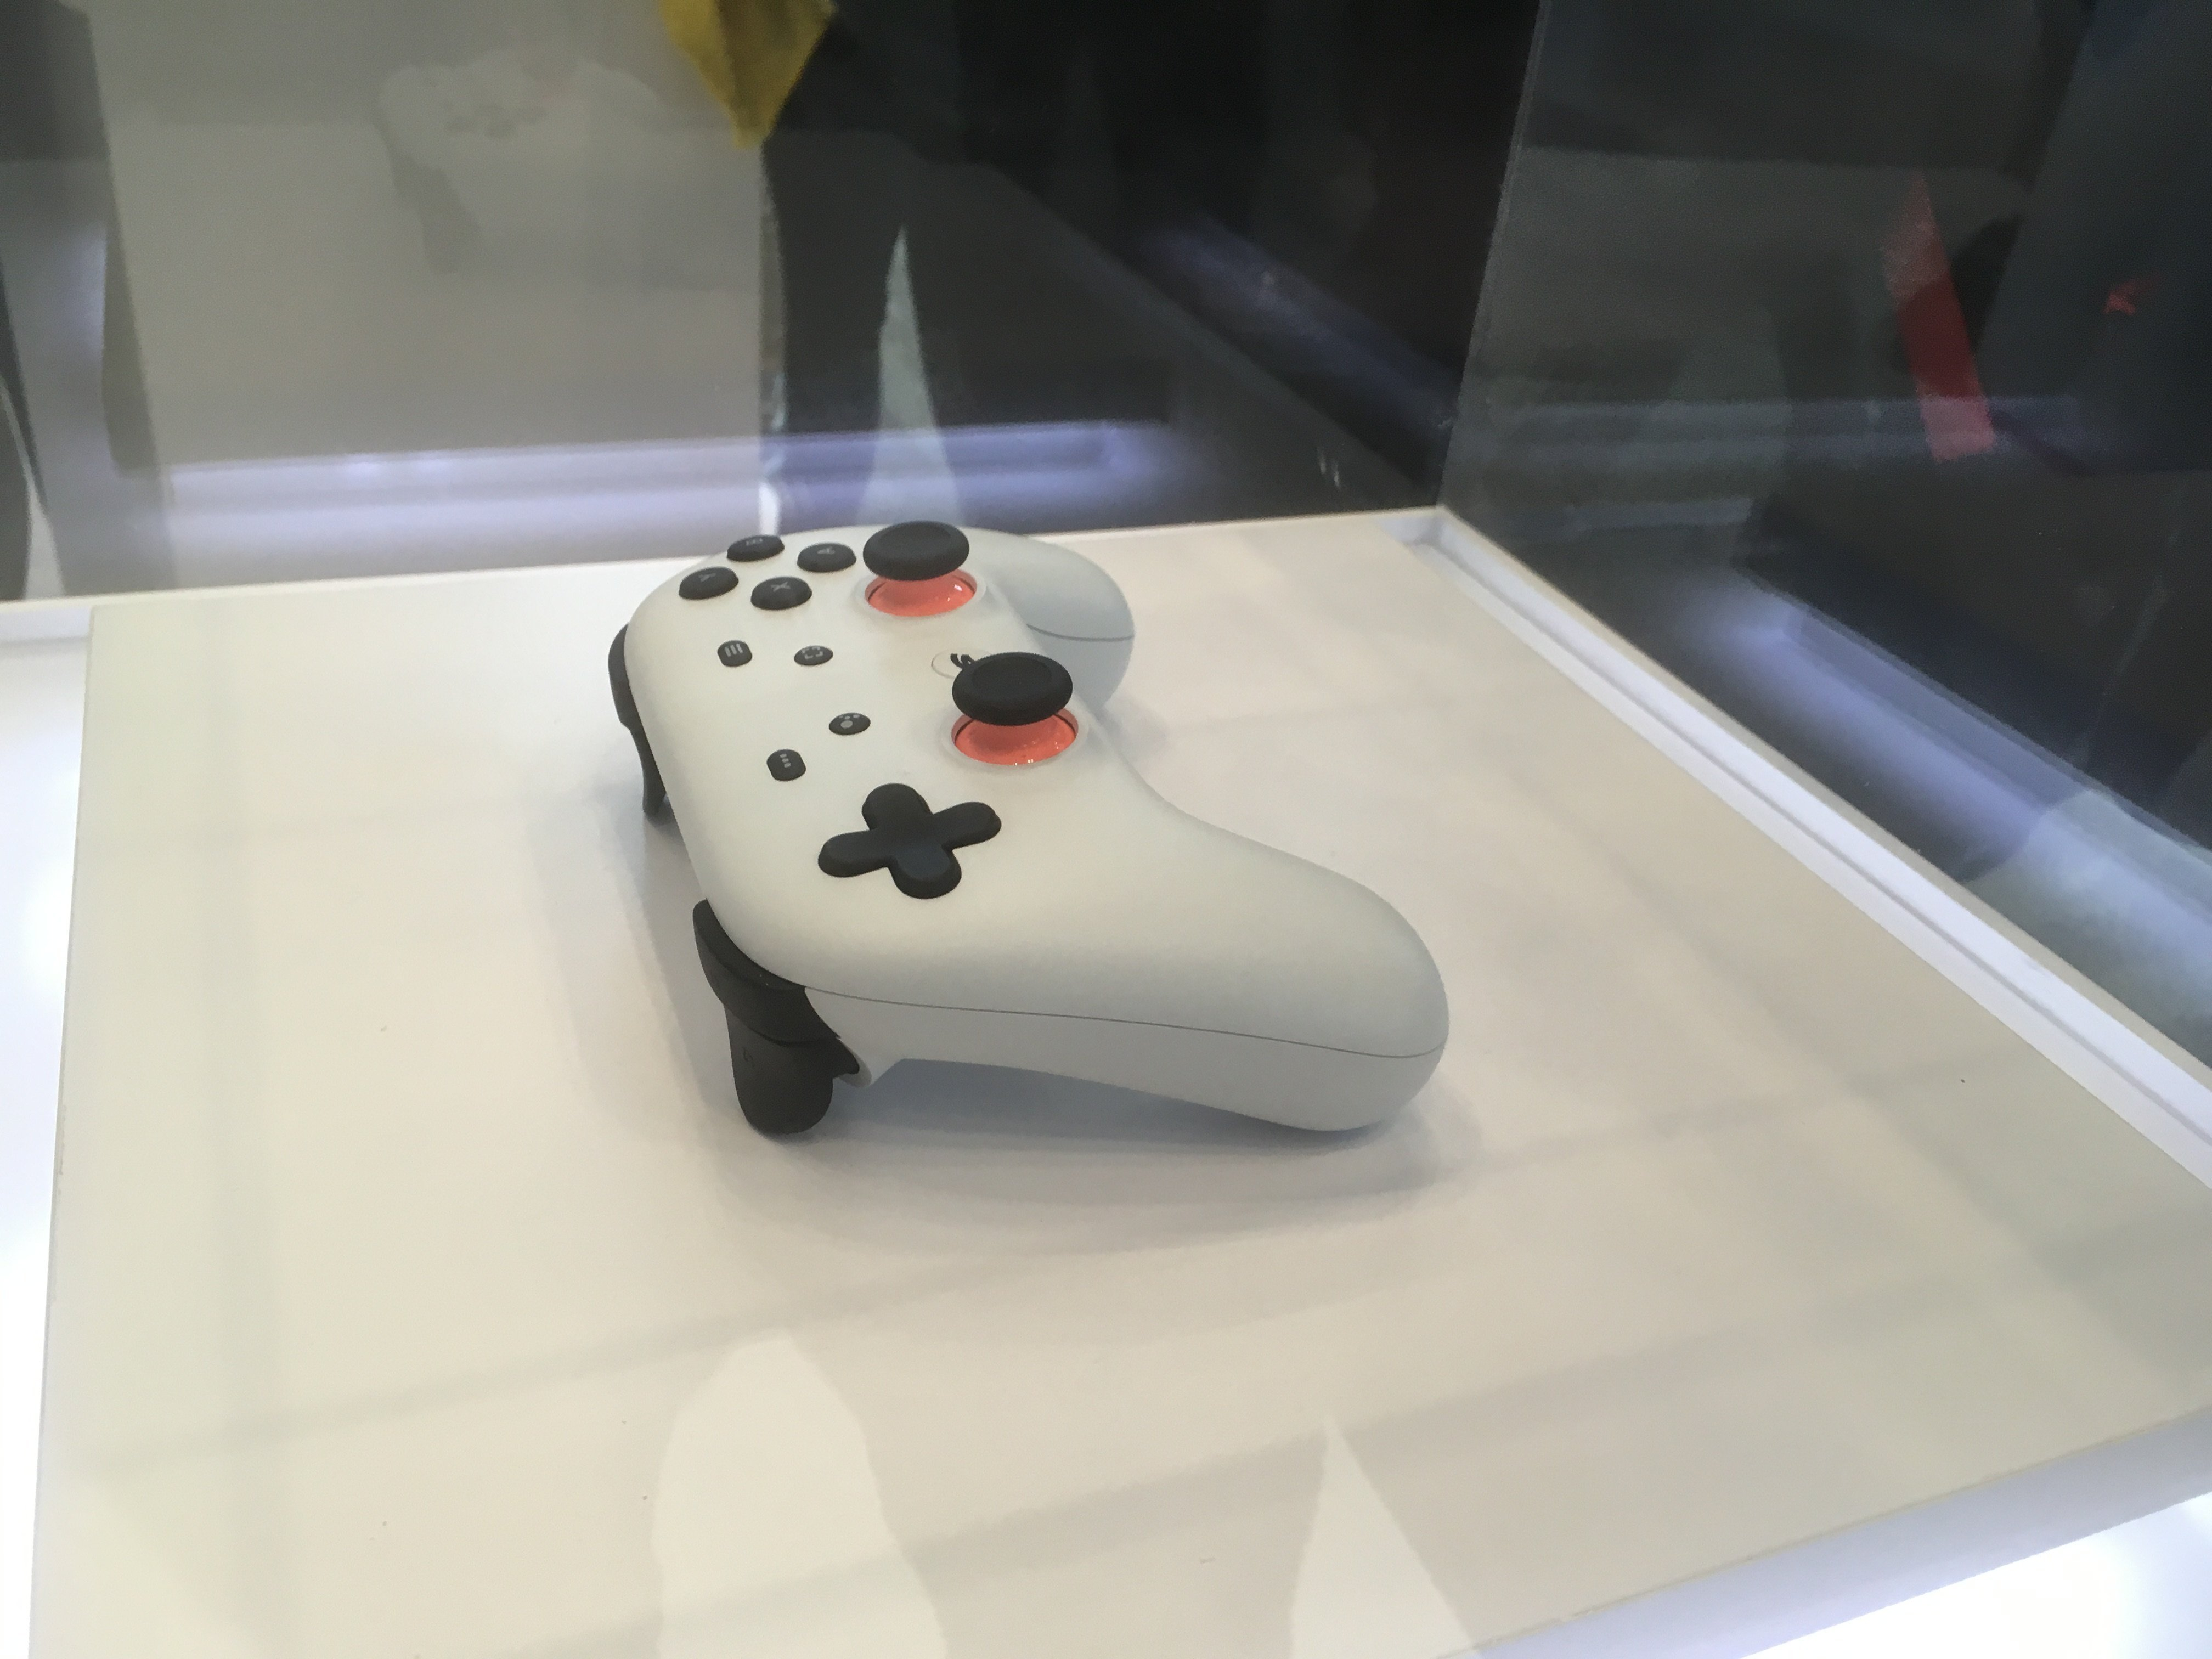 [1] вся правда об игровых консолях следующего поколения - hi-news.ru